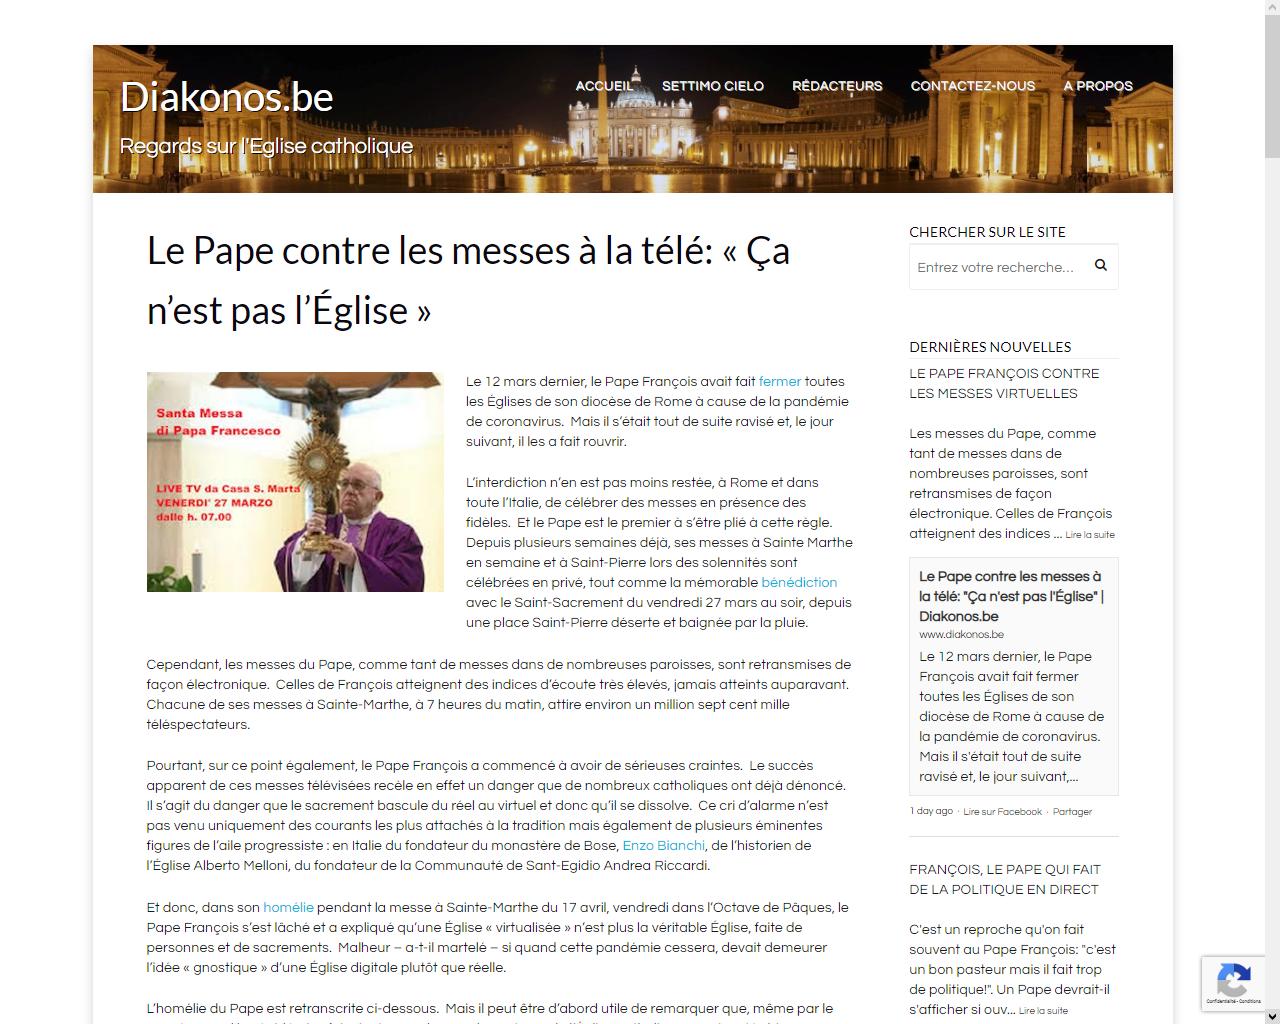 https://www.diakonos.be/settimo-cielo/le-pape-contre-les-messes-a-la-tele-ca-nest-pas-leglise/